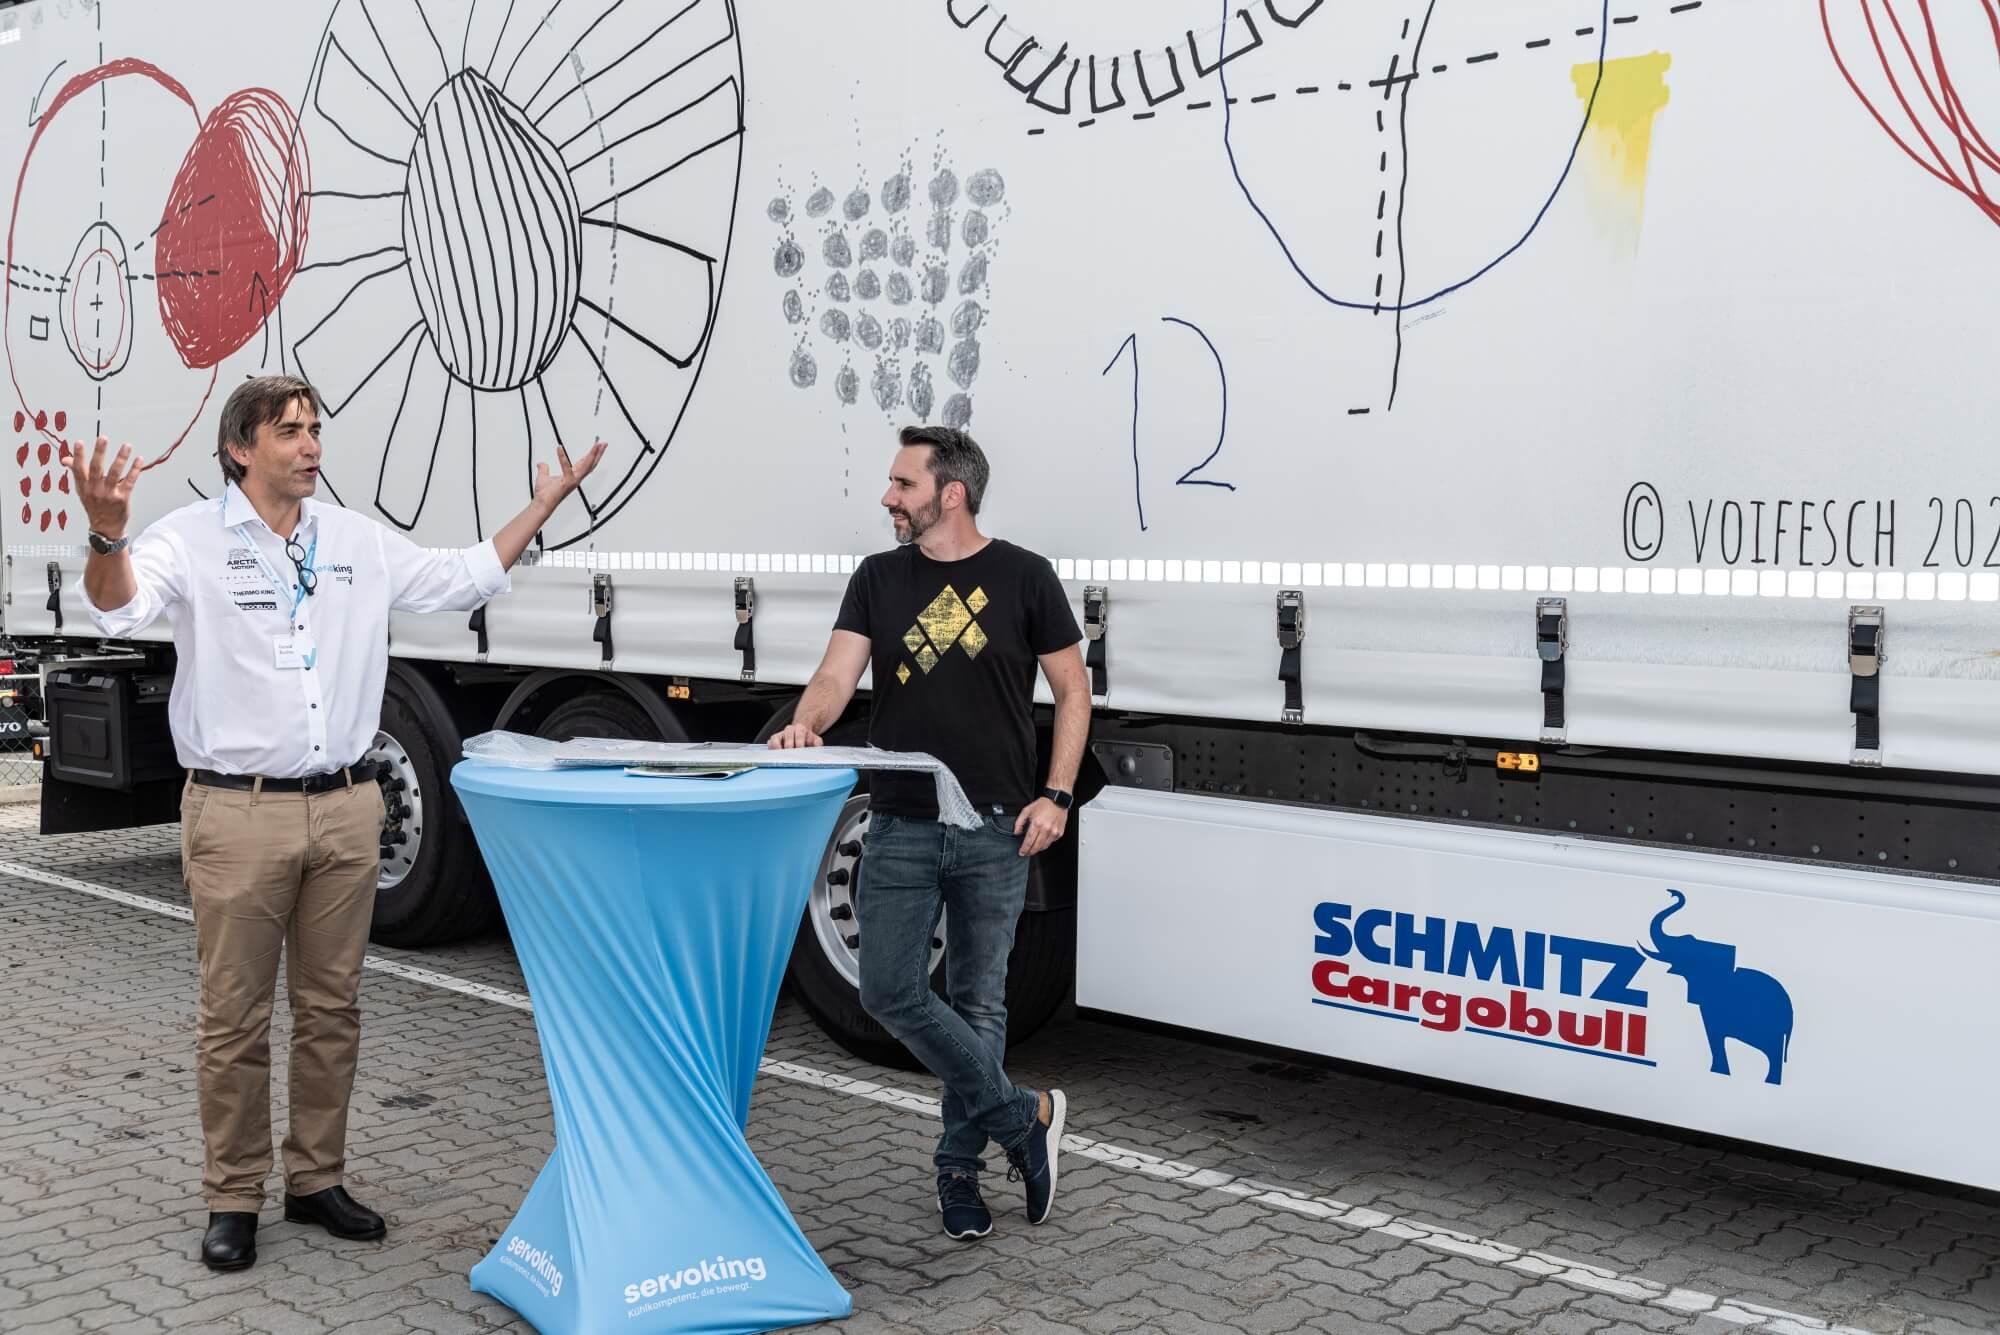 """Gerald Bucher, Geschäftsführer von Servoking hält eine Rede. Neben ihm steht Helmuth Stöber, Initiator von VOI fesch. Hinter ihnen ist der LKW mit dem Motiv """"Verbindungen"""" von Künstler Christoph Dietrich zu sehen."""